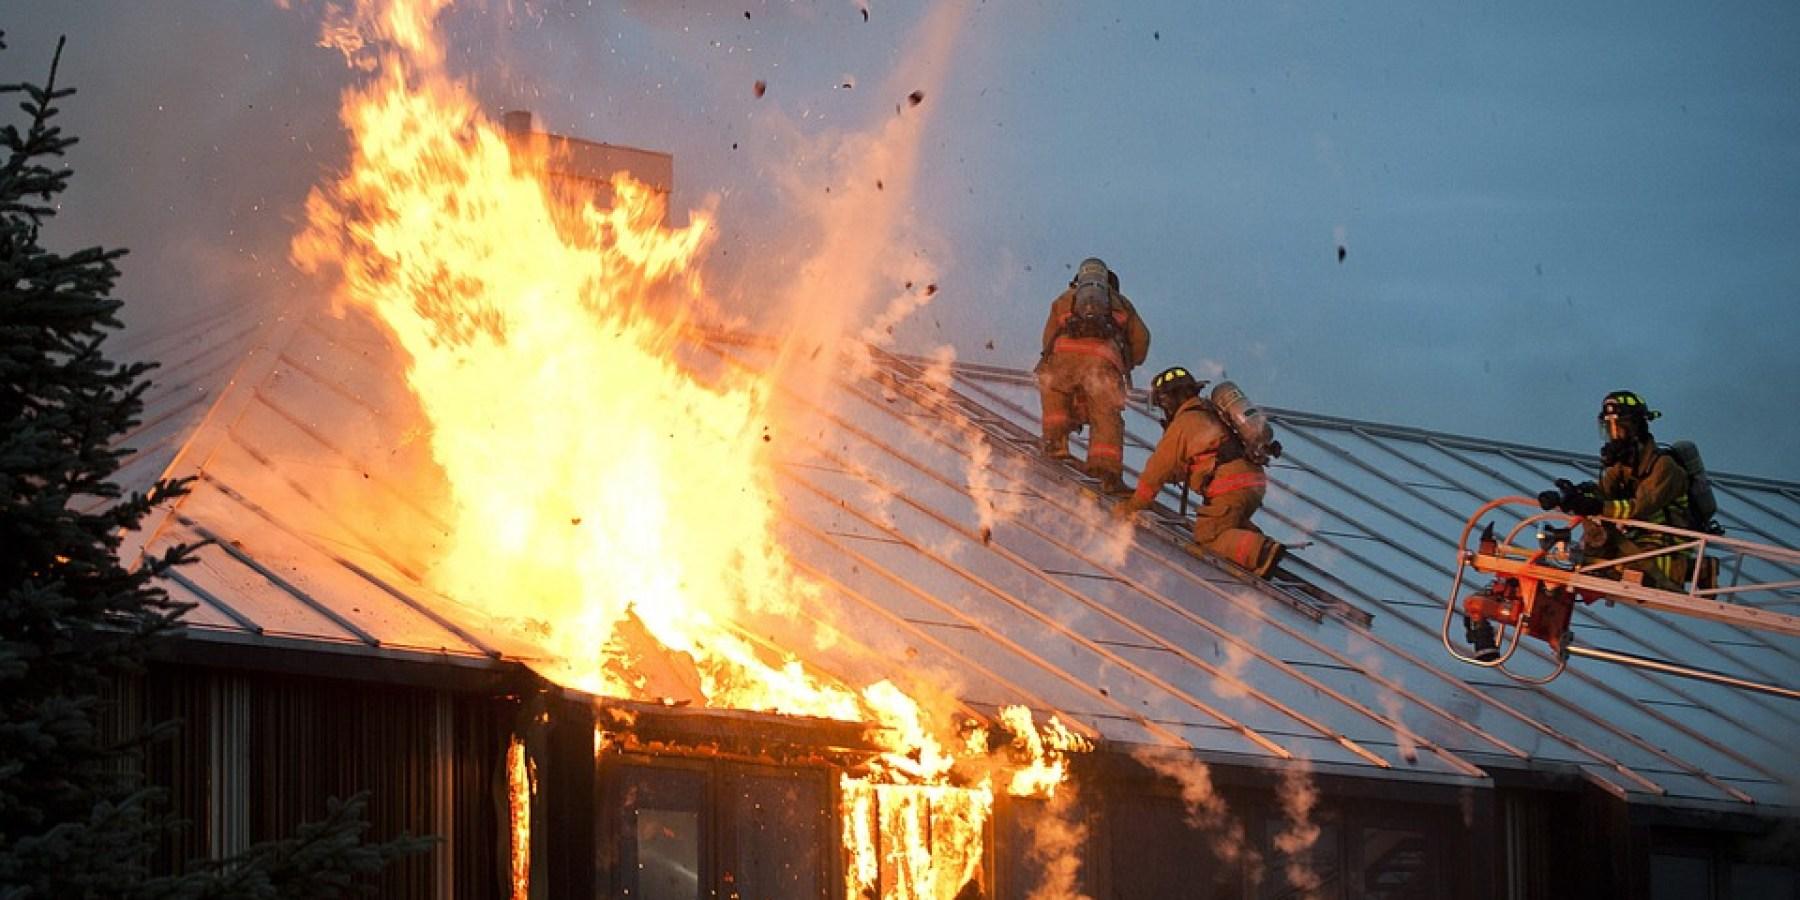 Nach Wohnungsbrand in Ibbenbüren – 26-Jähriger in Untersuchungshaft